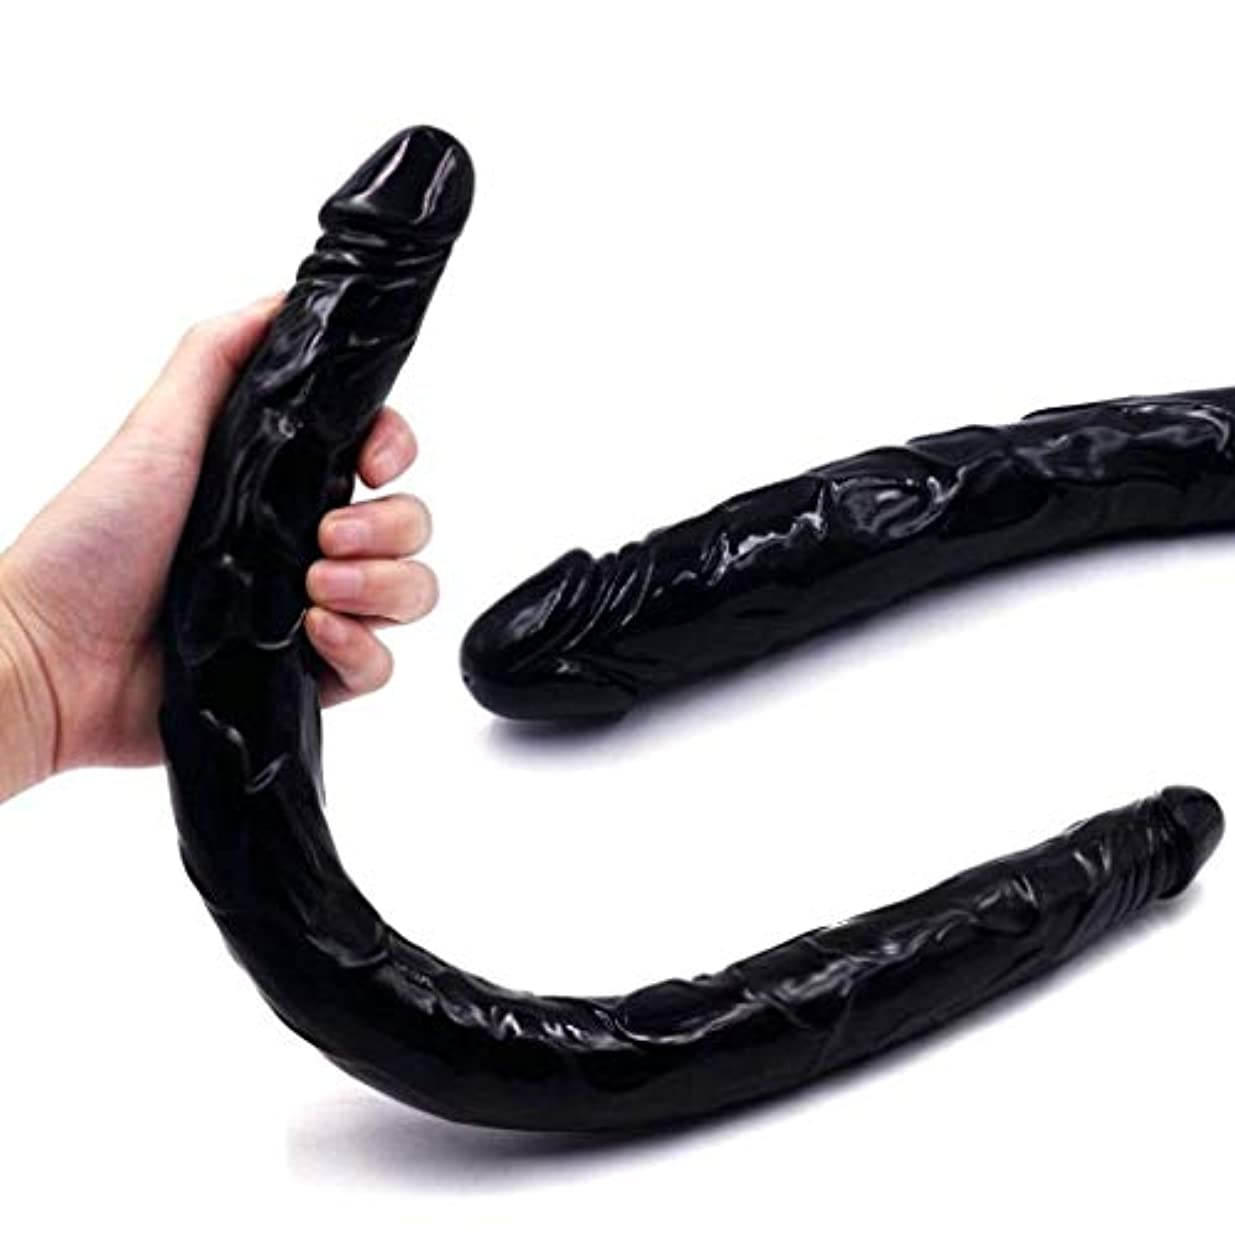 出会い小切手錫Risareyi 21.56インチ等身大の巨大なおもちゃ、3D超現実的なおもちゃ、女性のためのパーソナルリラックスツール女性Tシャツ (Color : 黒)